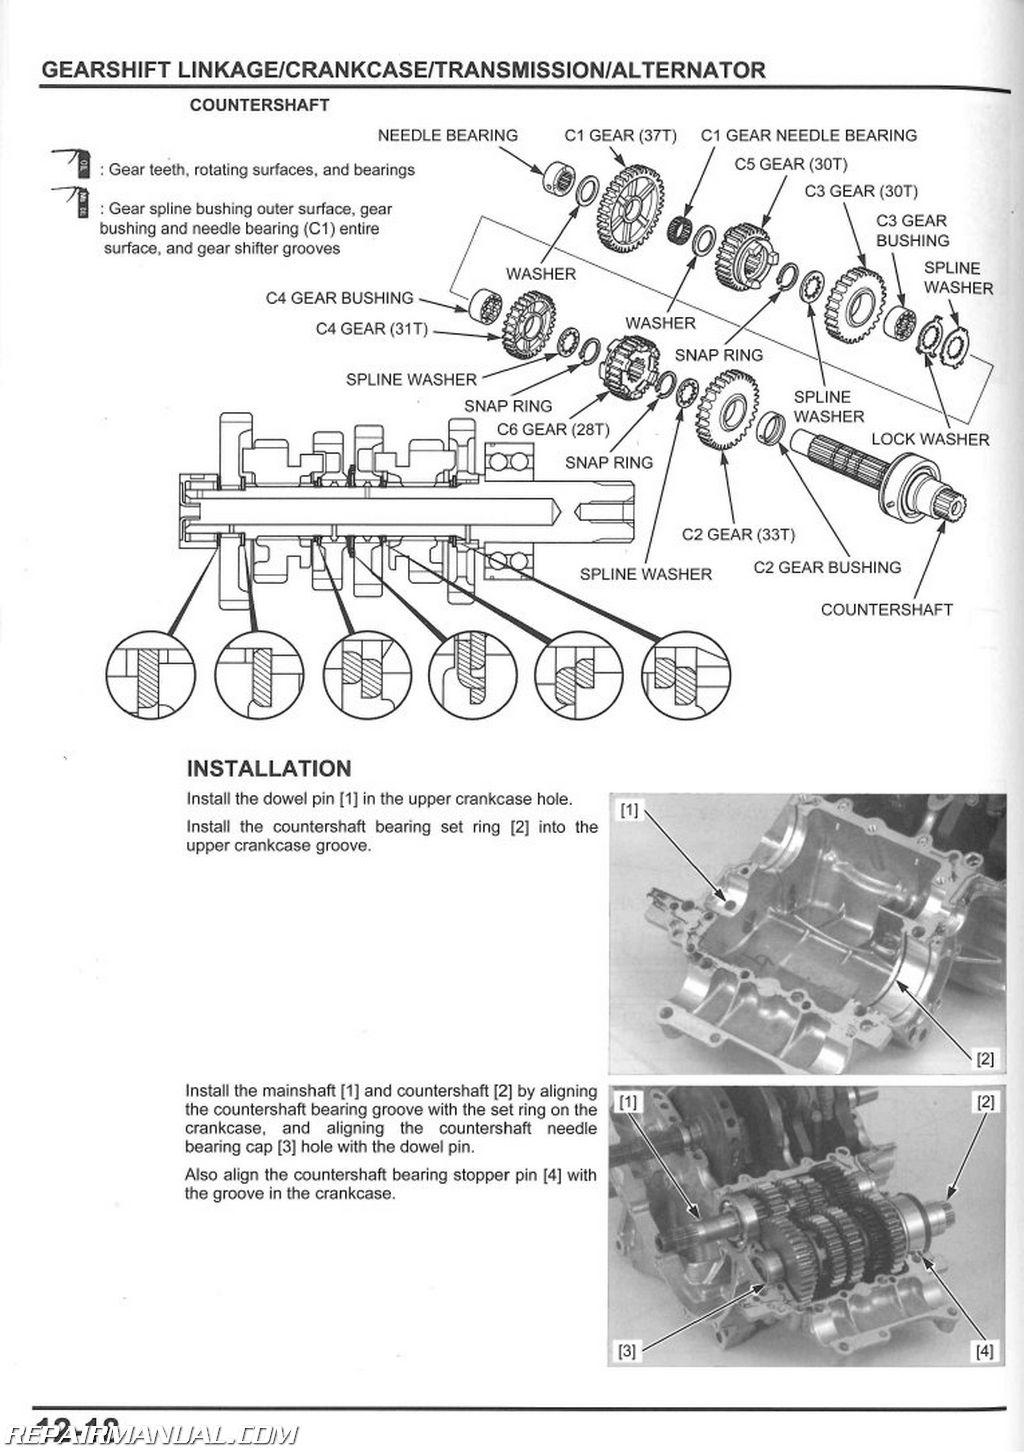 Police Interceptor Oil Cooler Information Manual Guide